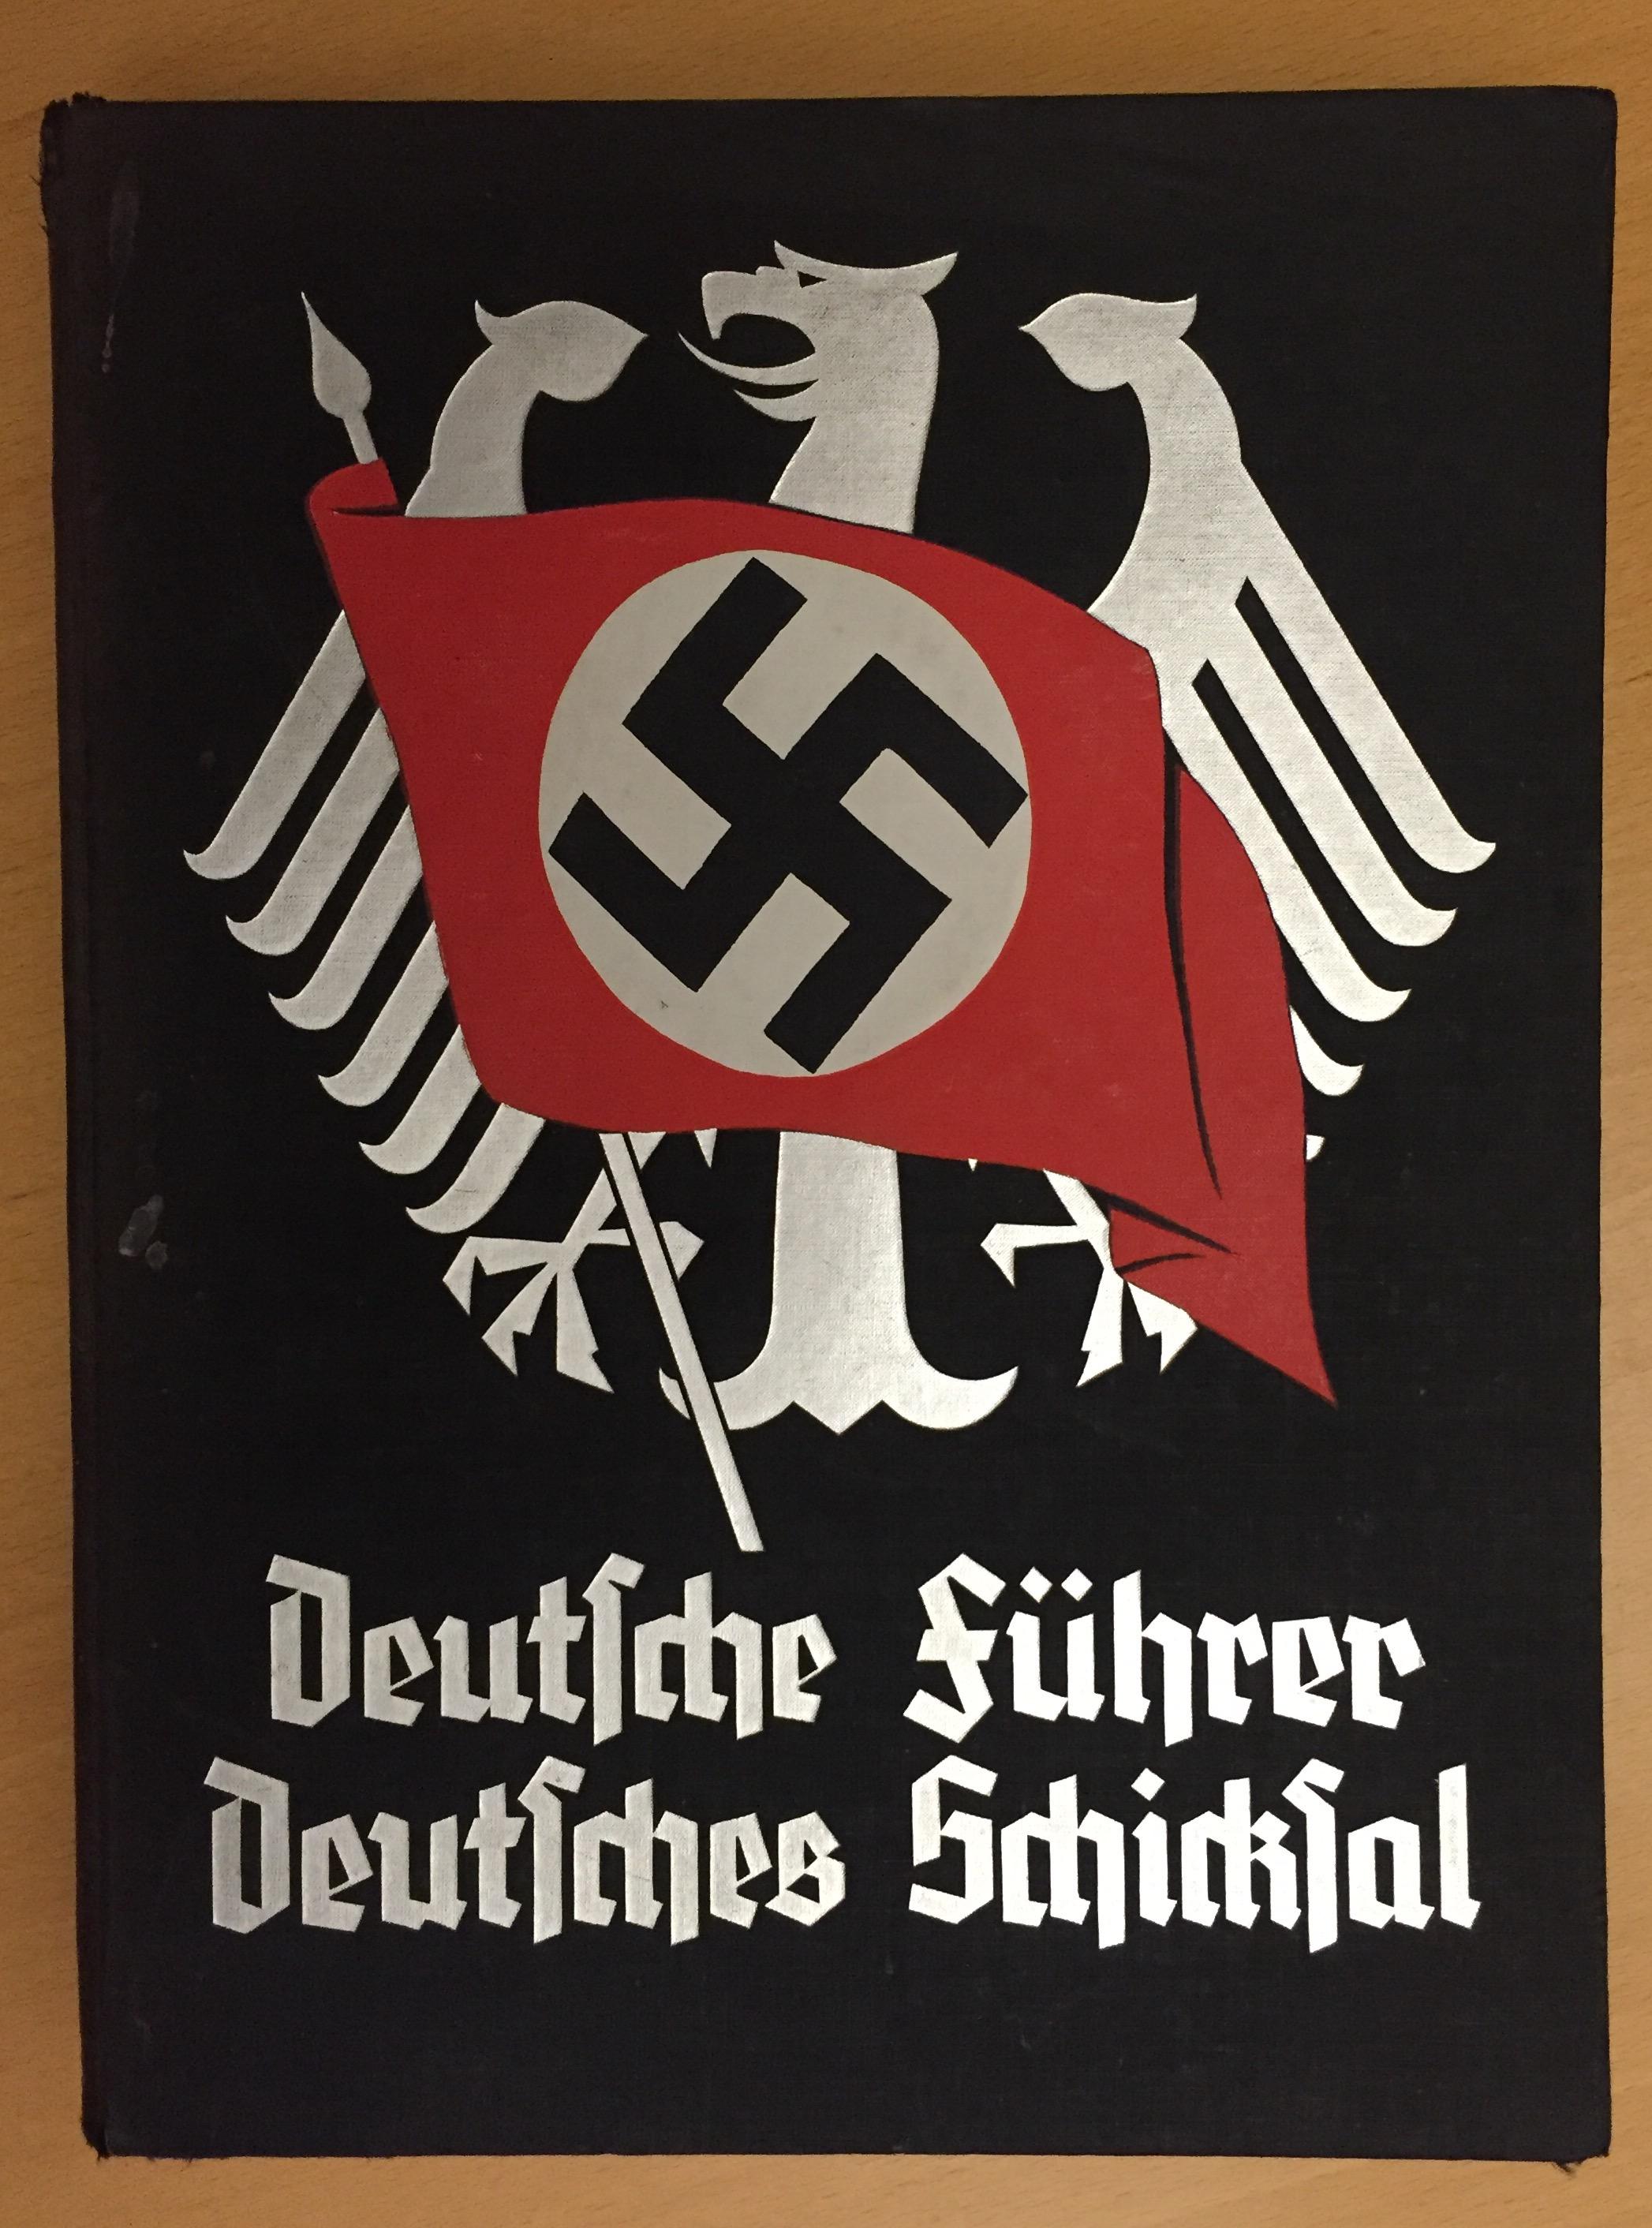 Deutscher Fuhrer Deutsches Schicksal - cover